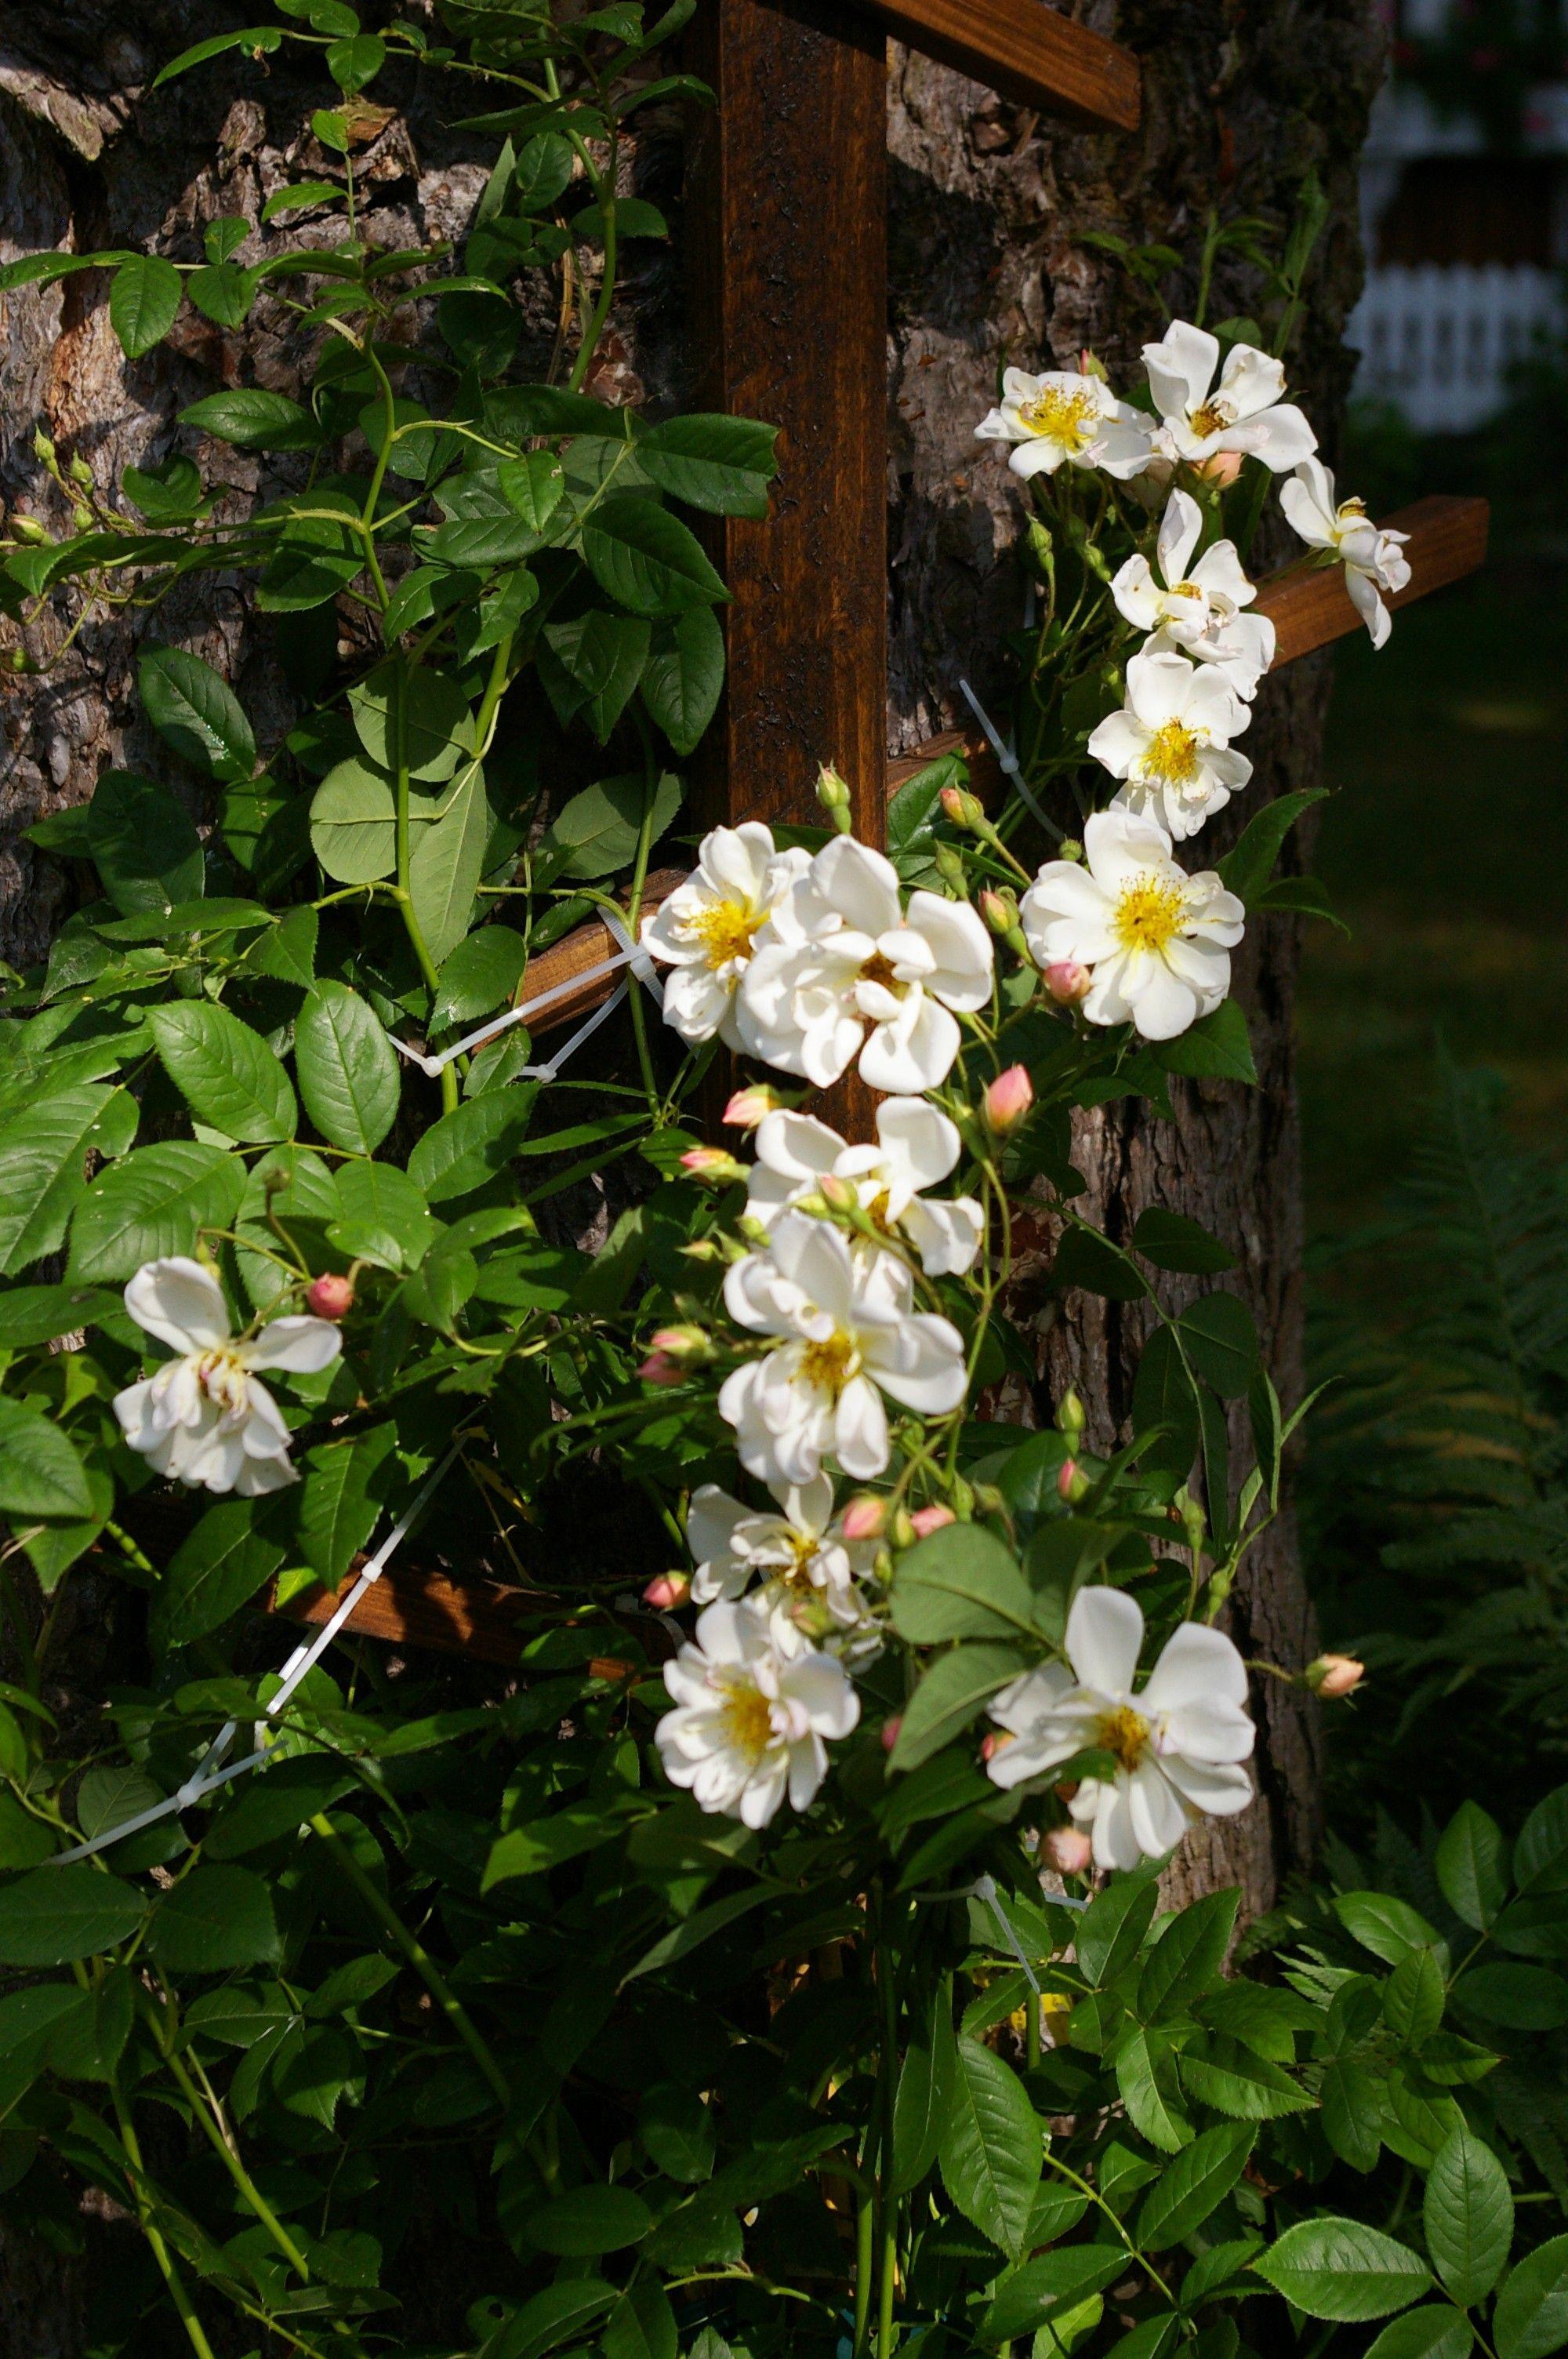 Bilder aus dem eigenen Garten. Ramblerrose Lykefind.